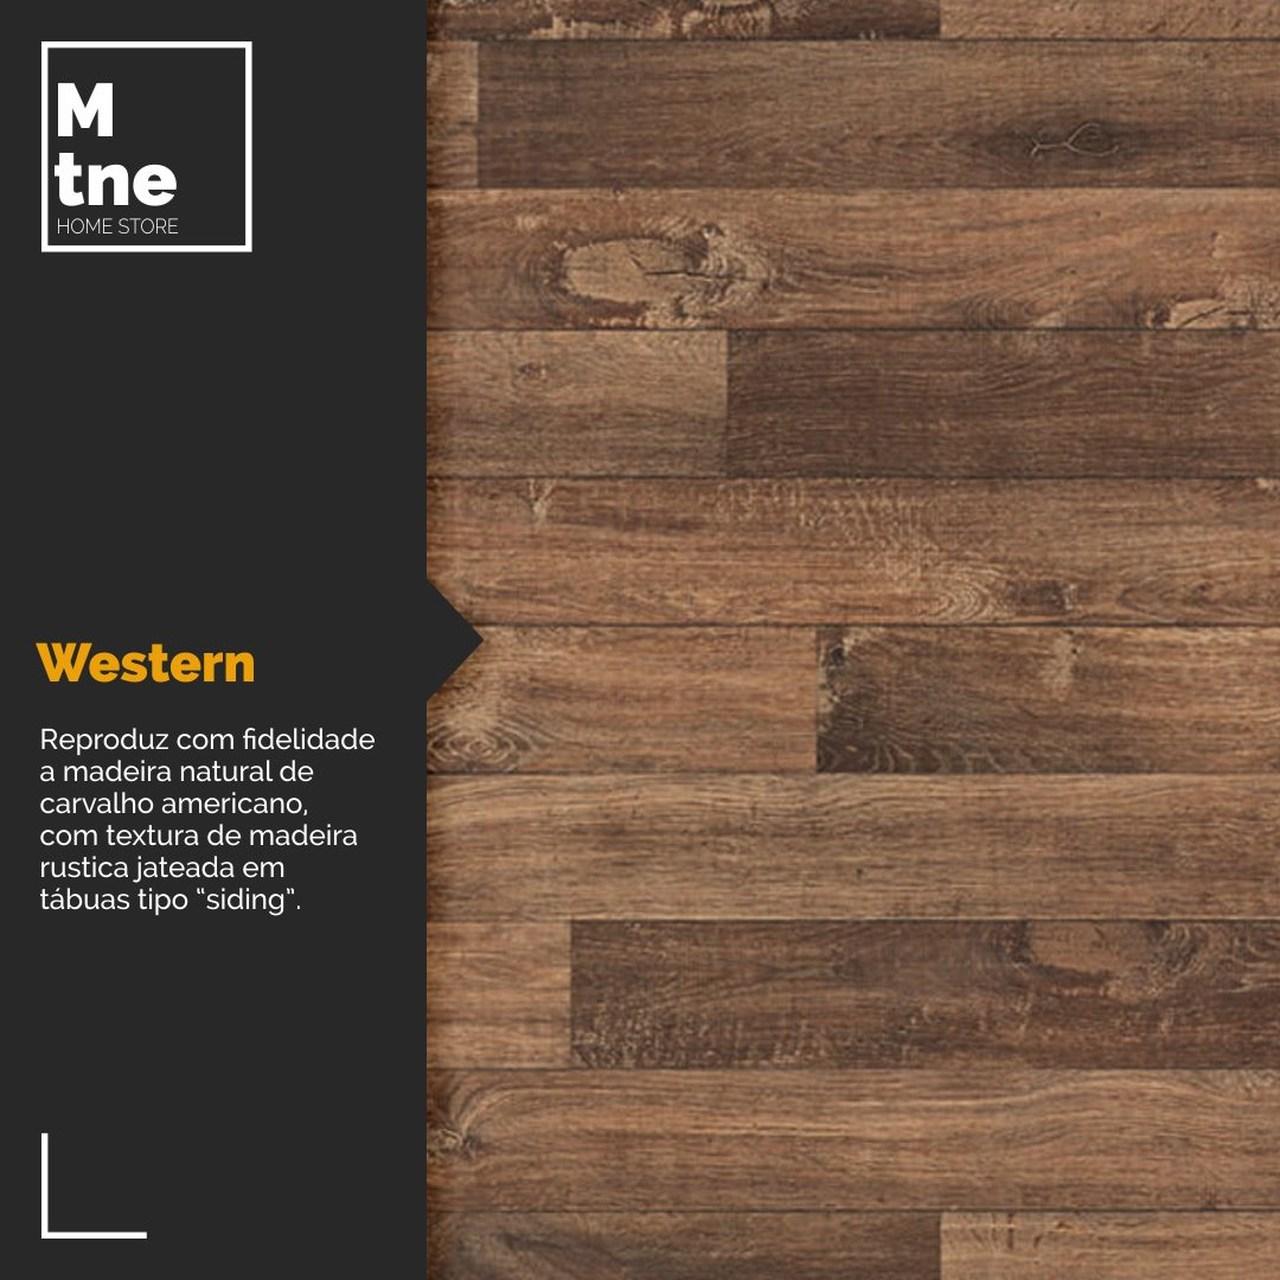 Mesa de Jantar Western 80x120 com Hairpin Legs e Tampo 100% MDF (Não acompanham cadeiras)  - Mtne Store